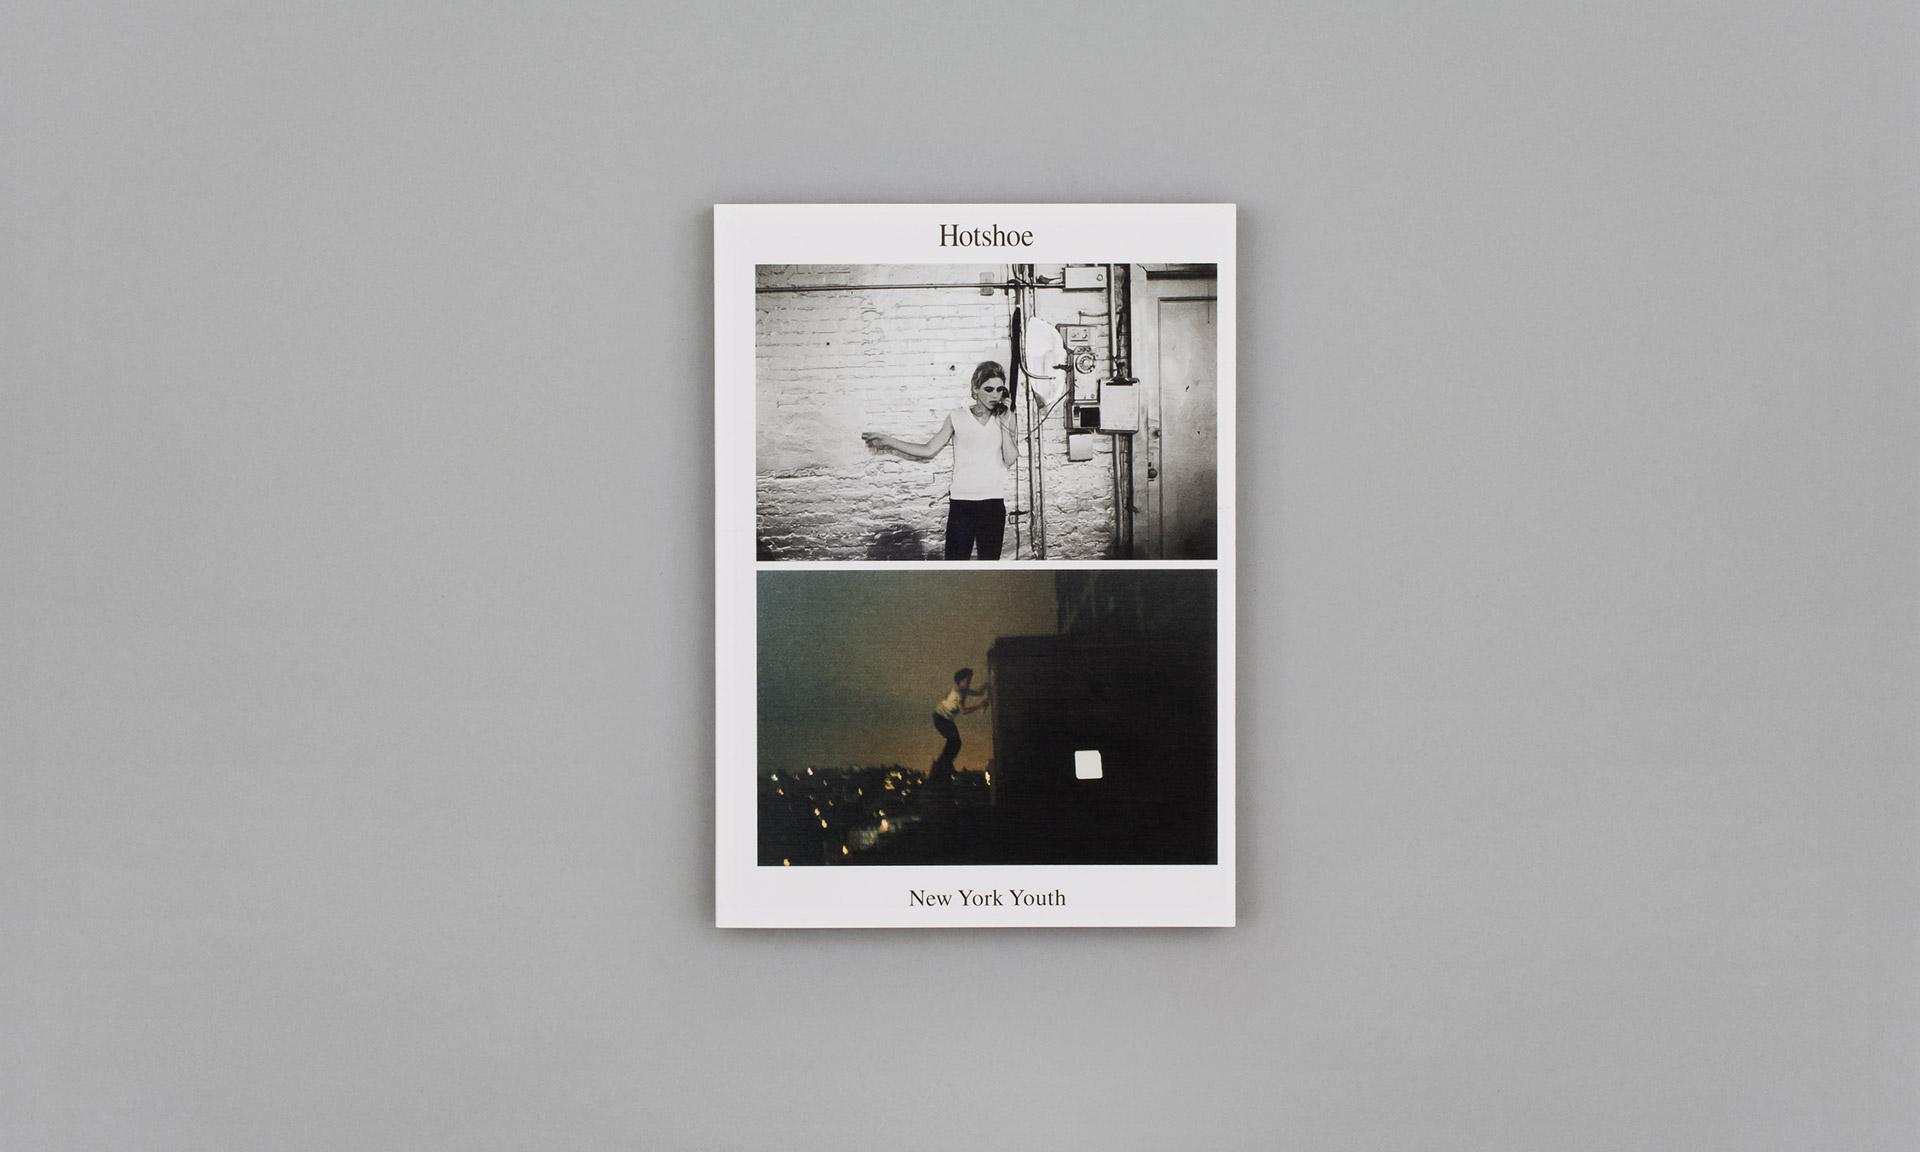 Hotshoe_01